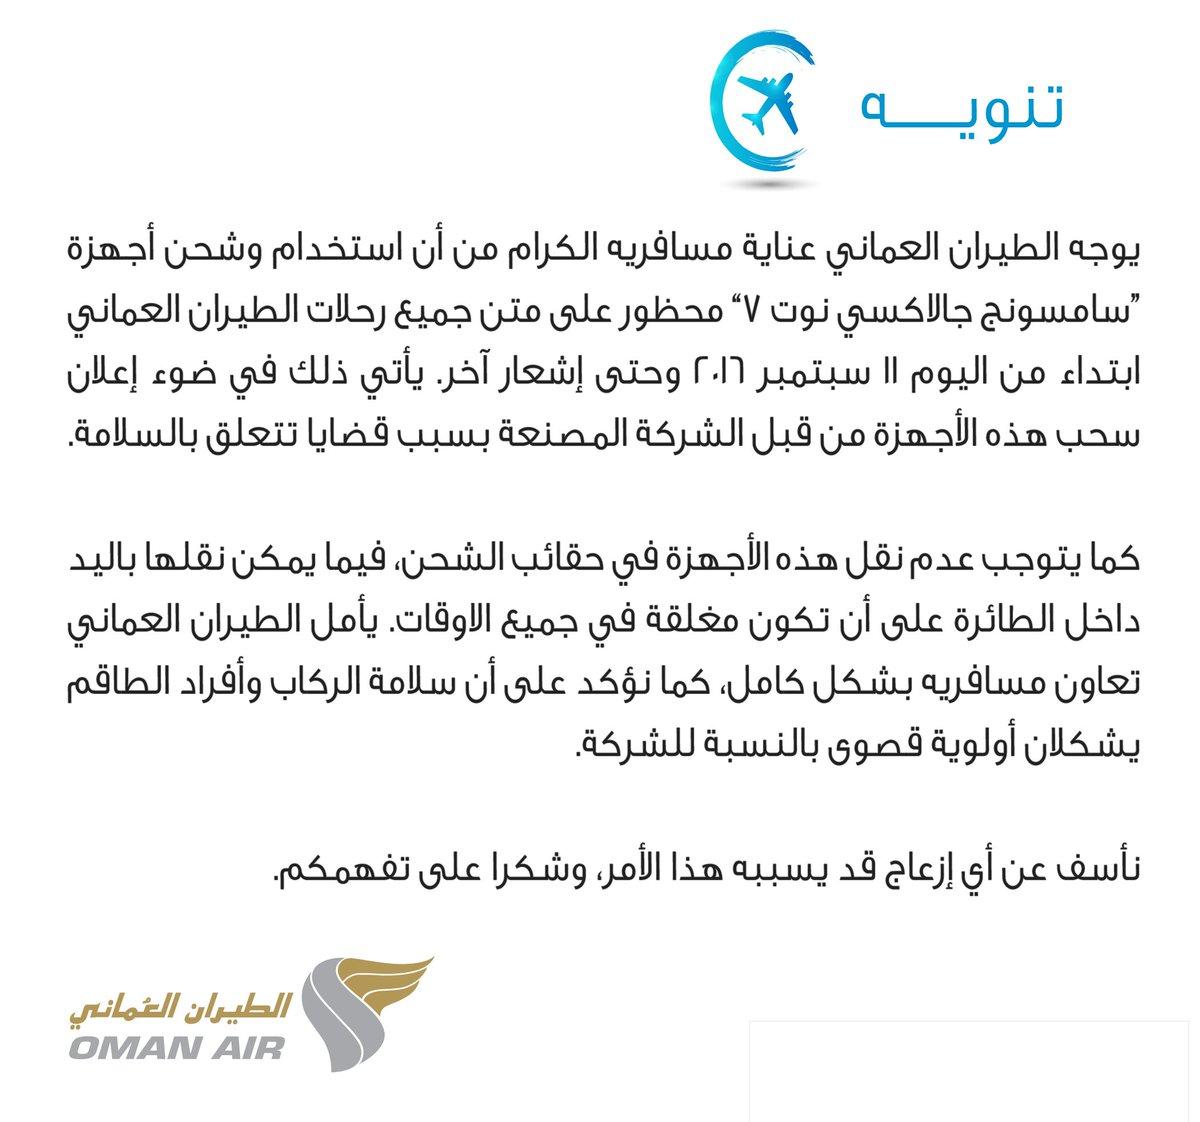 تنويه هام بخصوص منع استخدام أجهزة سامسونج جالاكسي نوت 7 على متن رحلات #الطيران_العماني https://t.co/yMlV4WQu7m